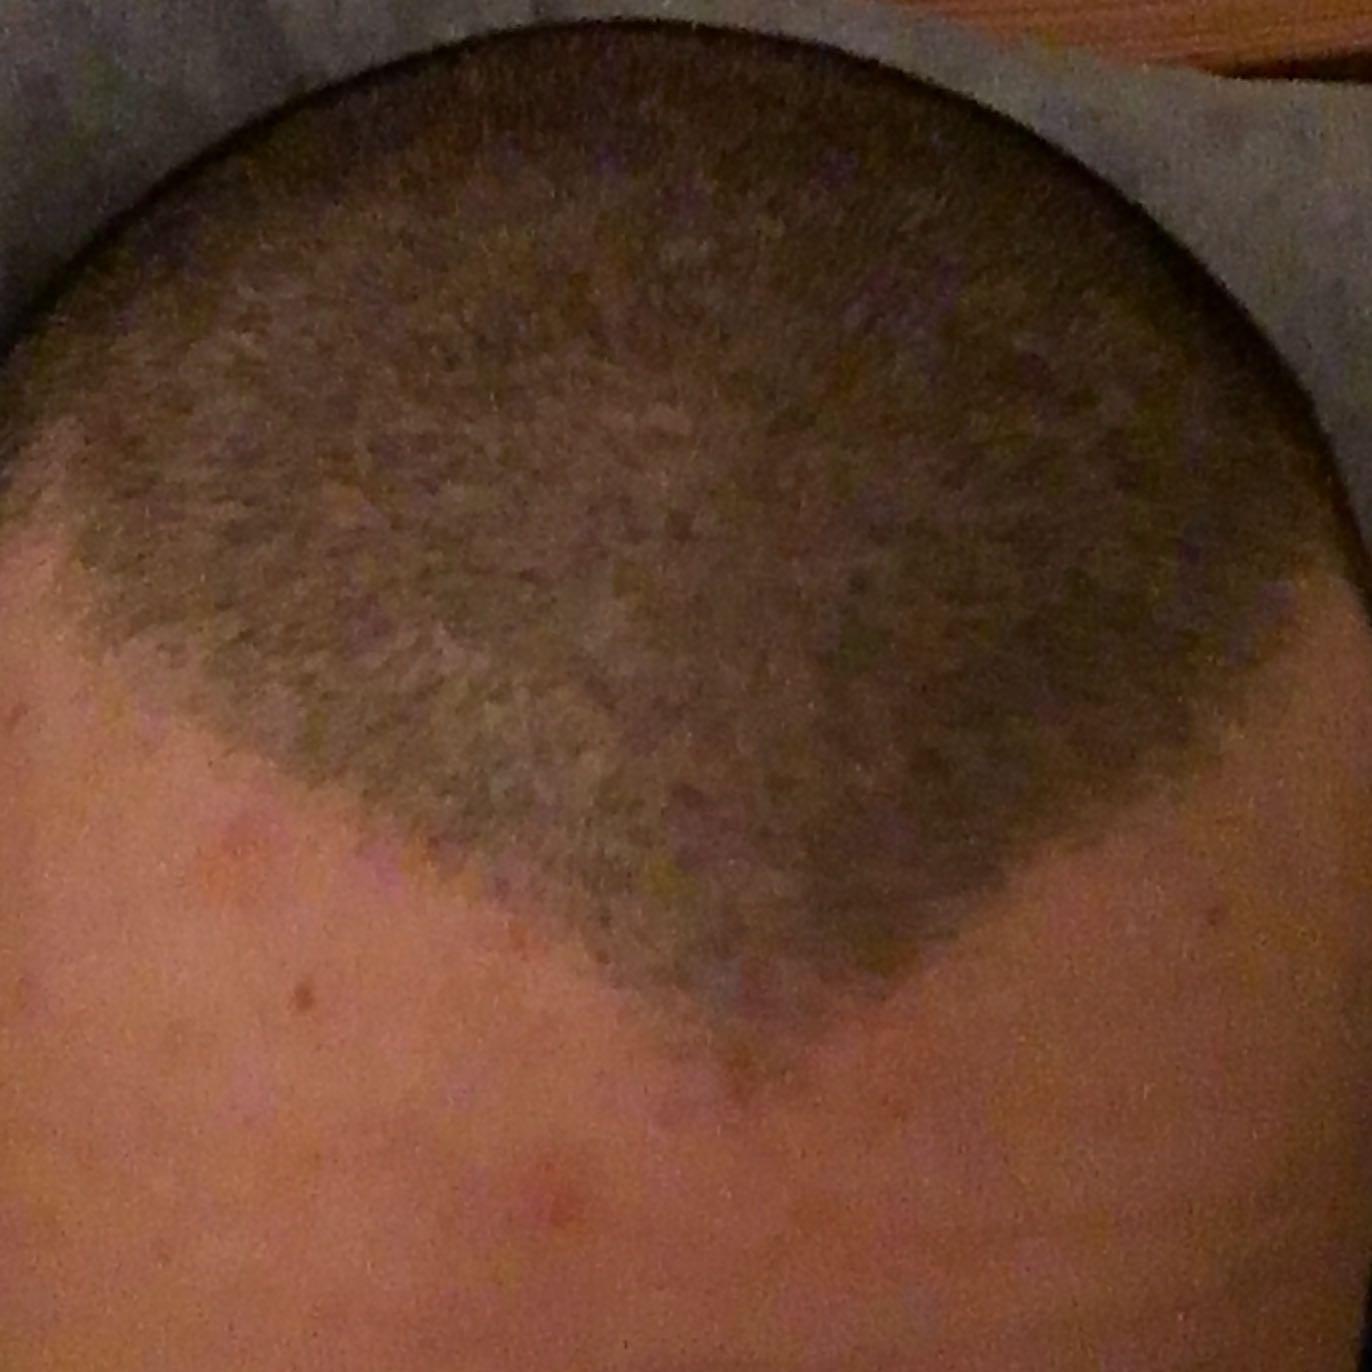 Haarausfall mit 17(männlich)? (Gesundheit, Haare, Arzt)